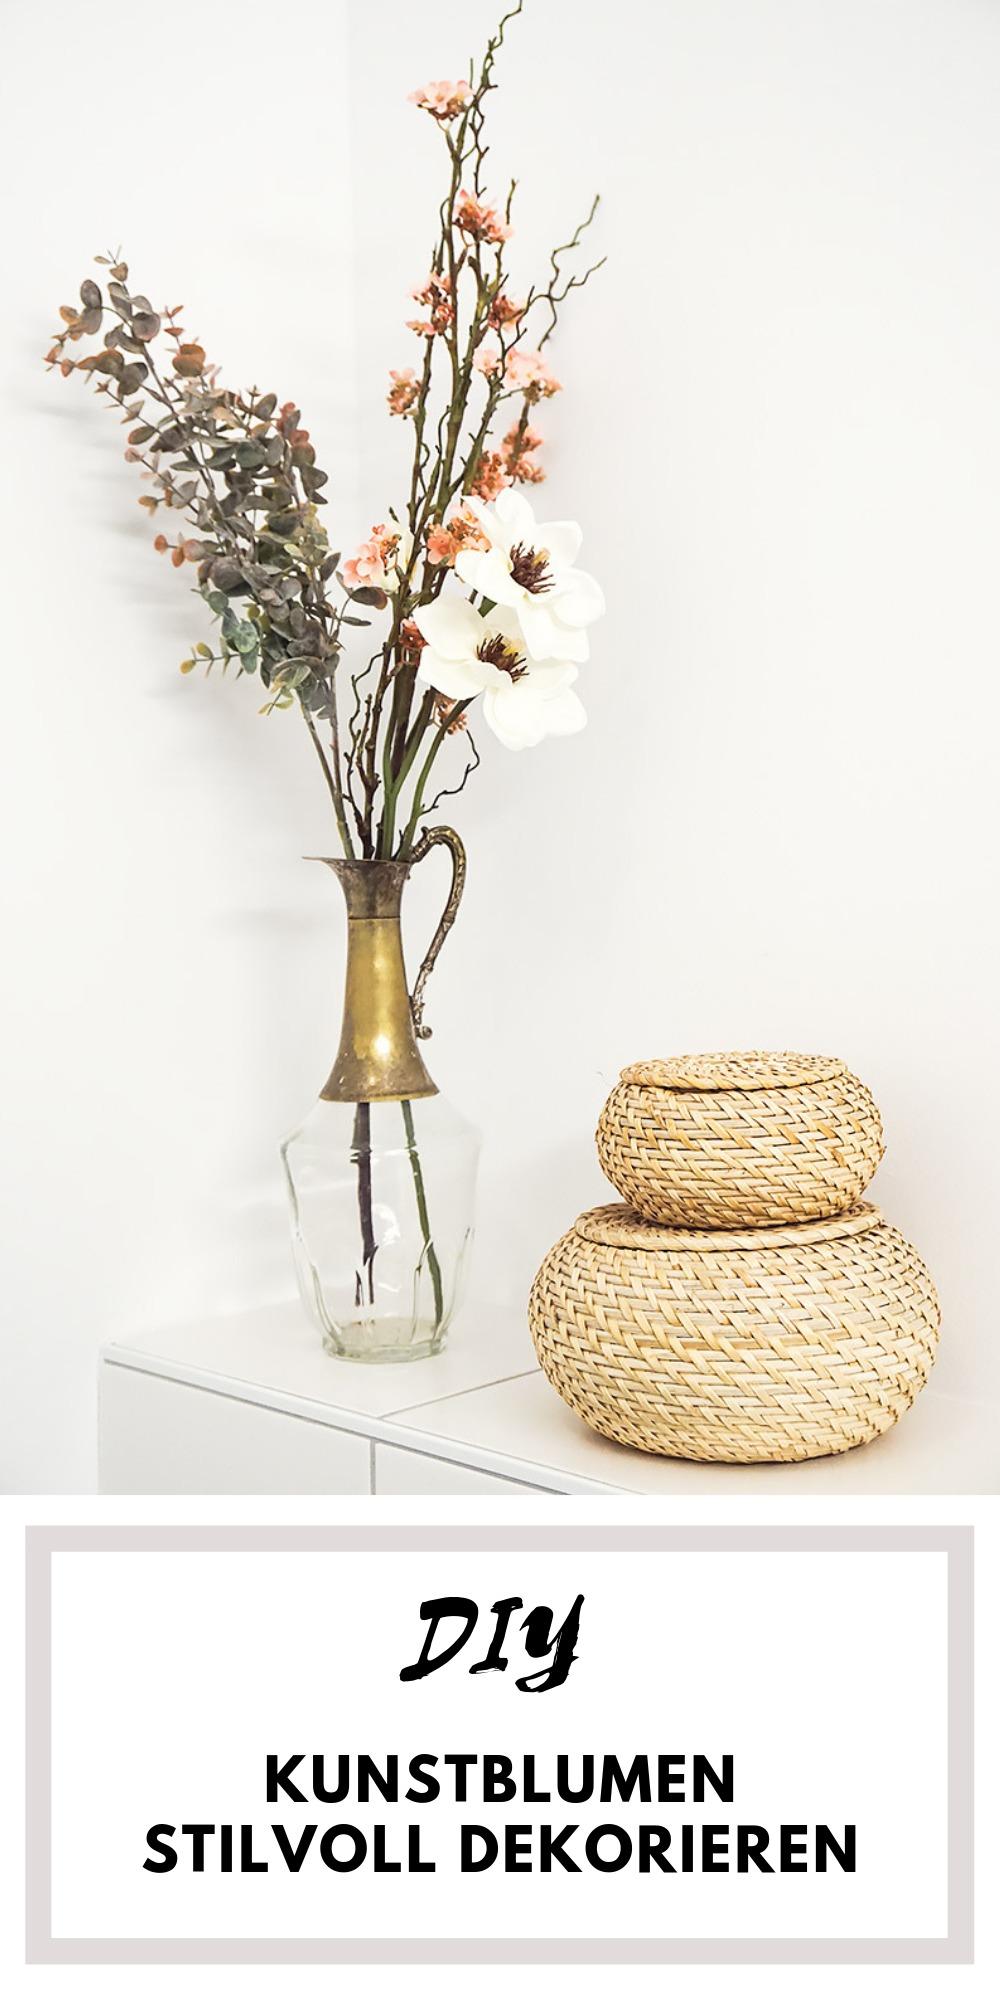 DIY Tipps wie ihr Kunstblumen stilvoll und hochwertig anordnen könnt, ohne dass es zu kitschig aussieht. Erstellt euch euren eigenen Kunstblumen-Strauß als edle Deko für Zuhause!